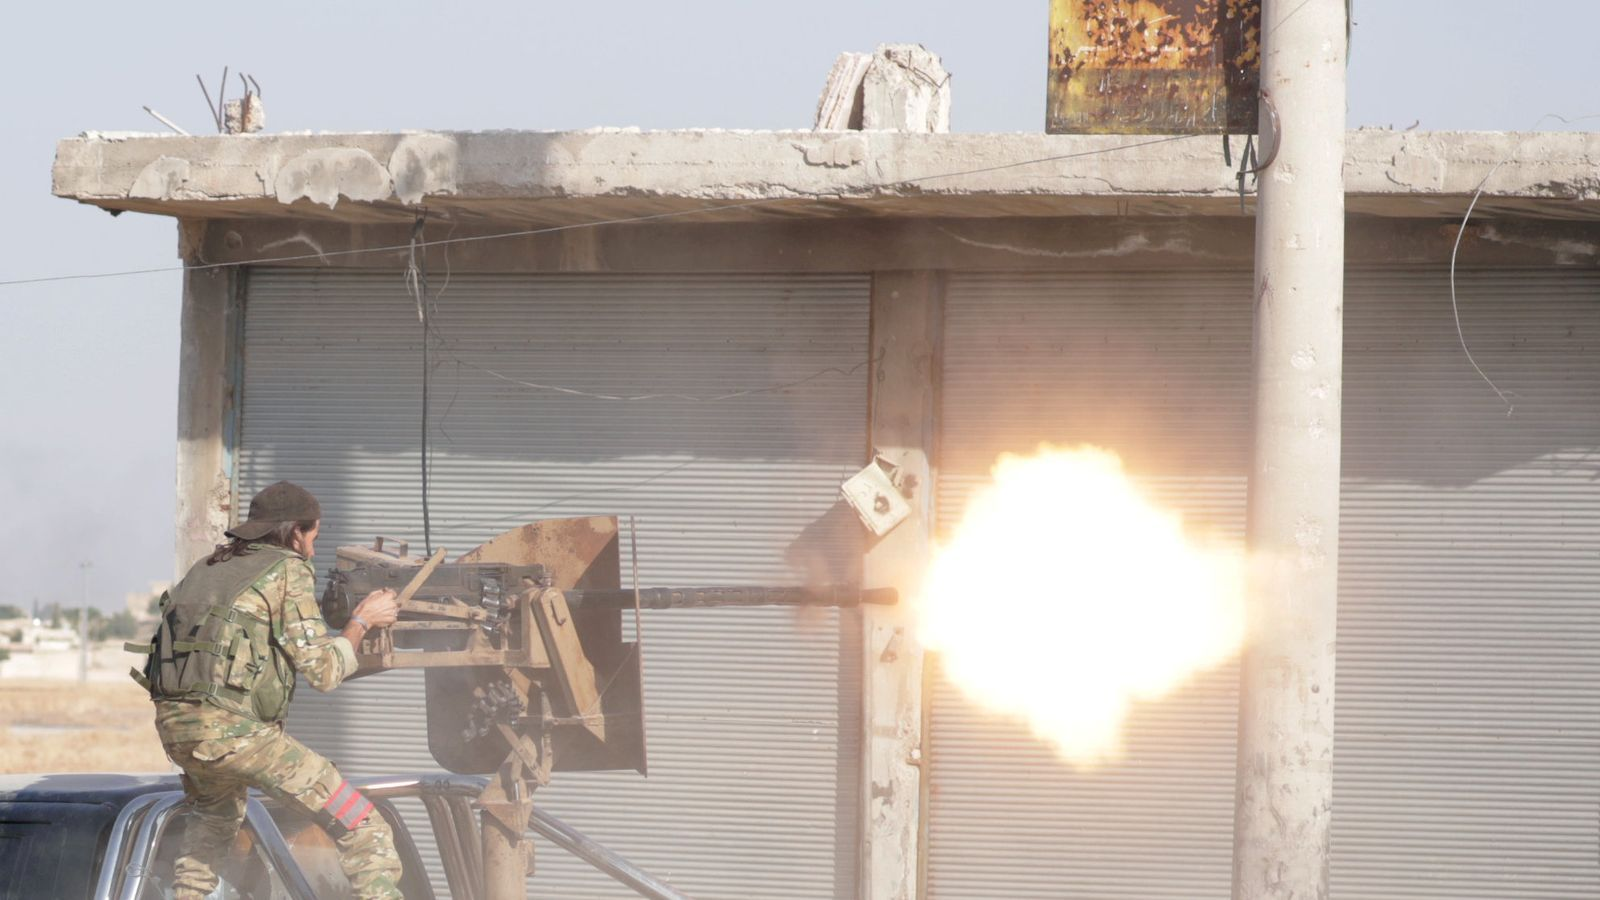 Els kurds s'alien amb Al-Assad  i Rússia davant la invasió turca